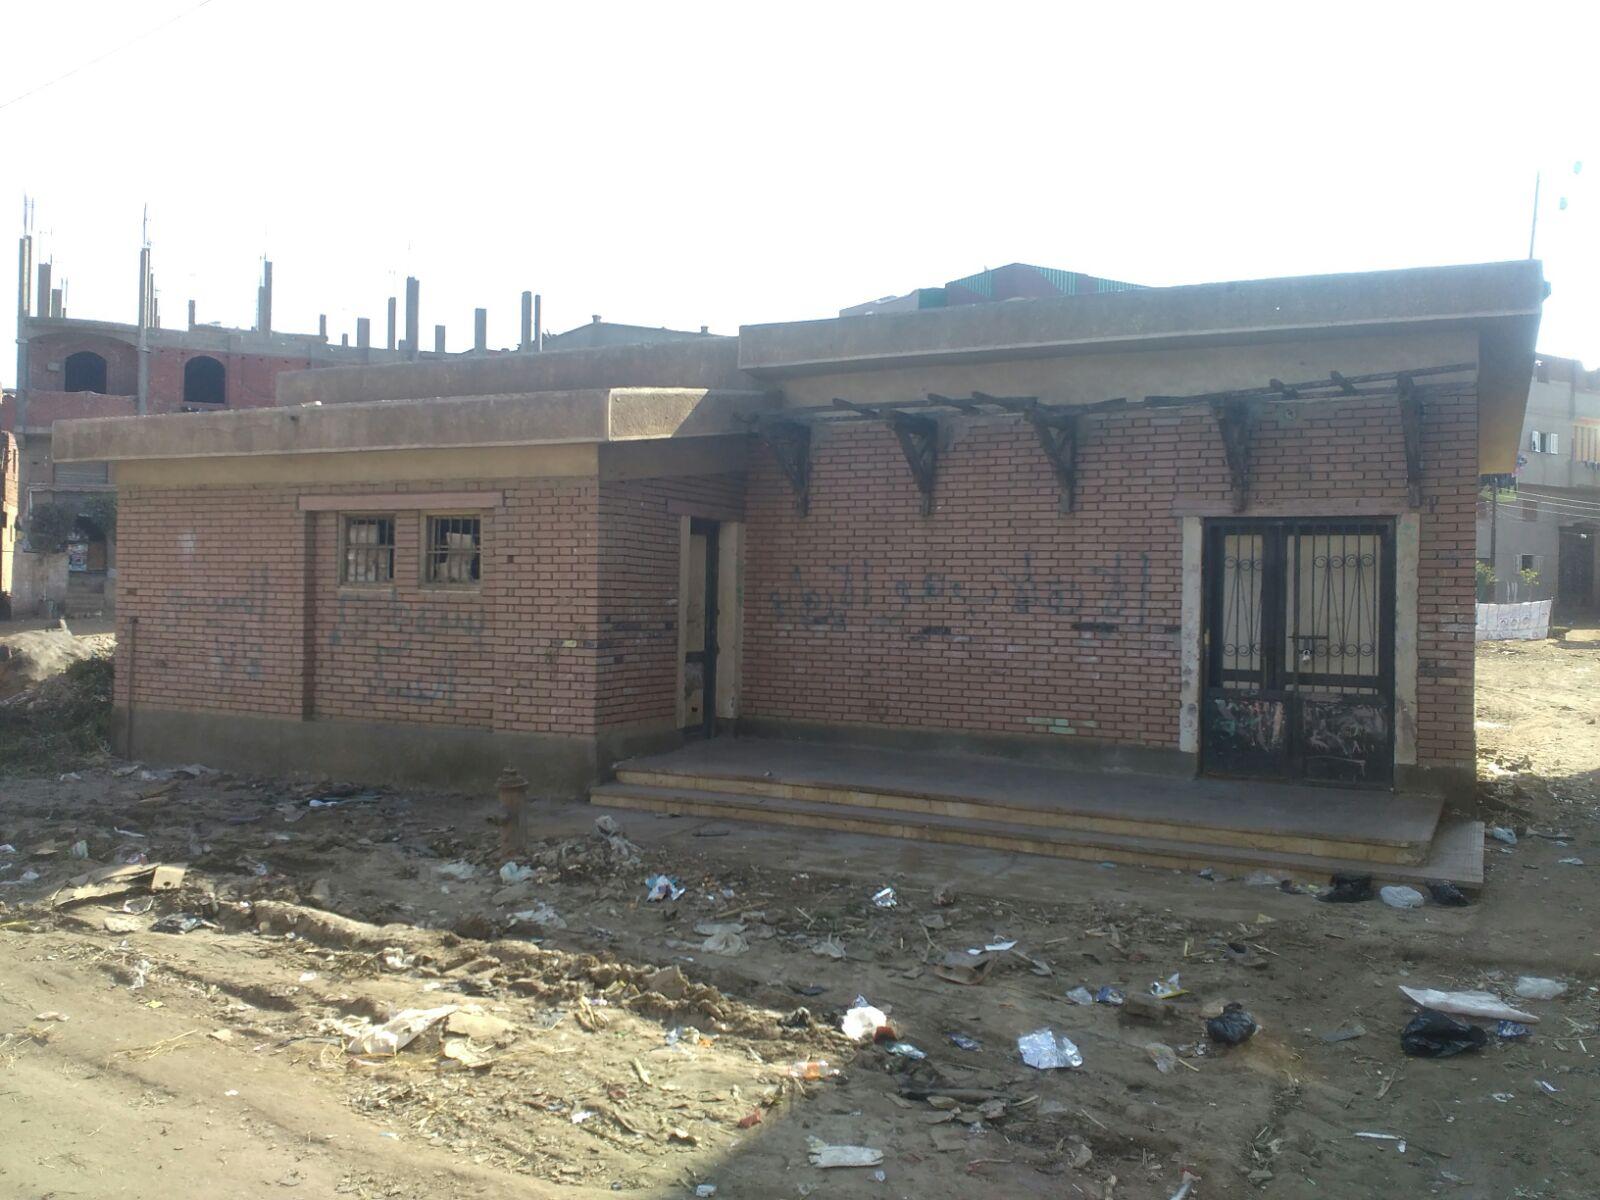 أولياء أمور بإحدى قرى الغربية يطالبون بحل أزمة نقص المدرسين